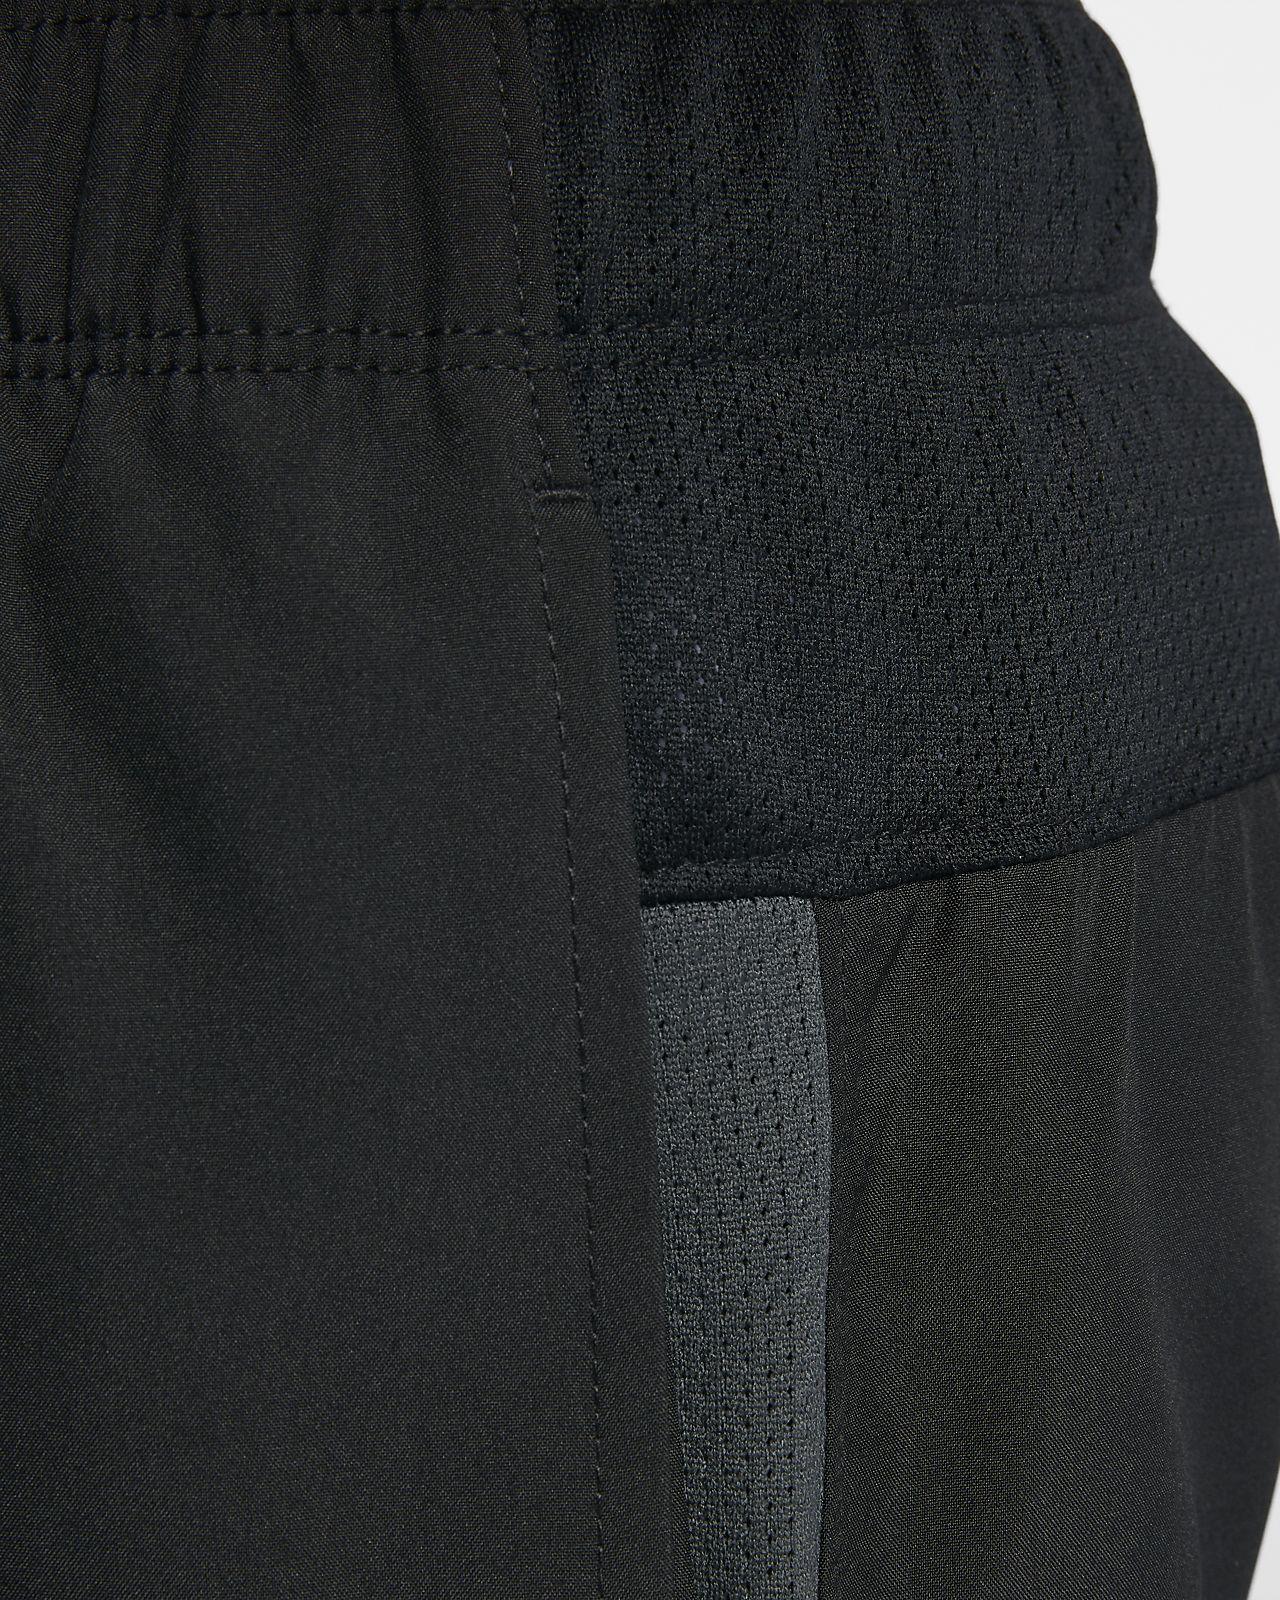 209e4e24d7 Nike Dri-FIT Challenger Pantalón corto de running de 15 cm - Niño ...